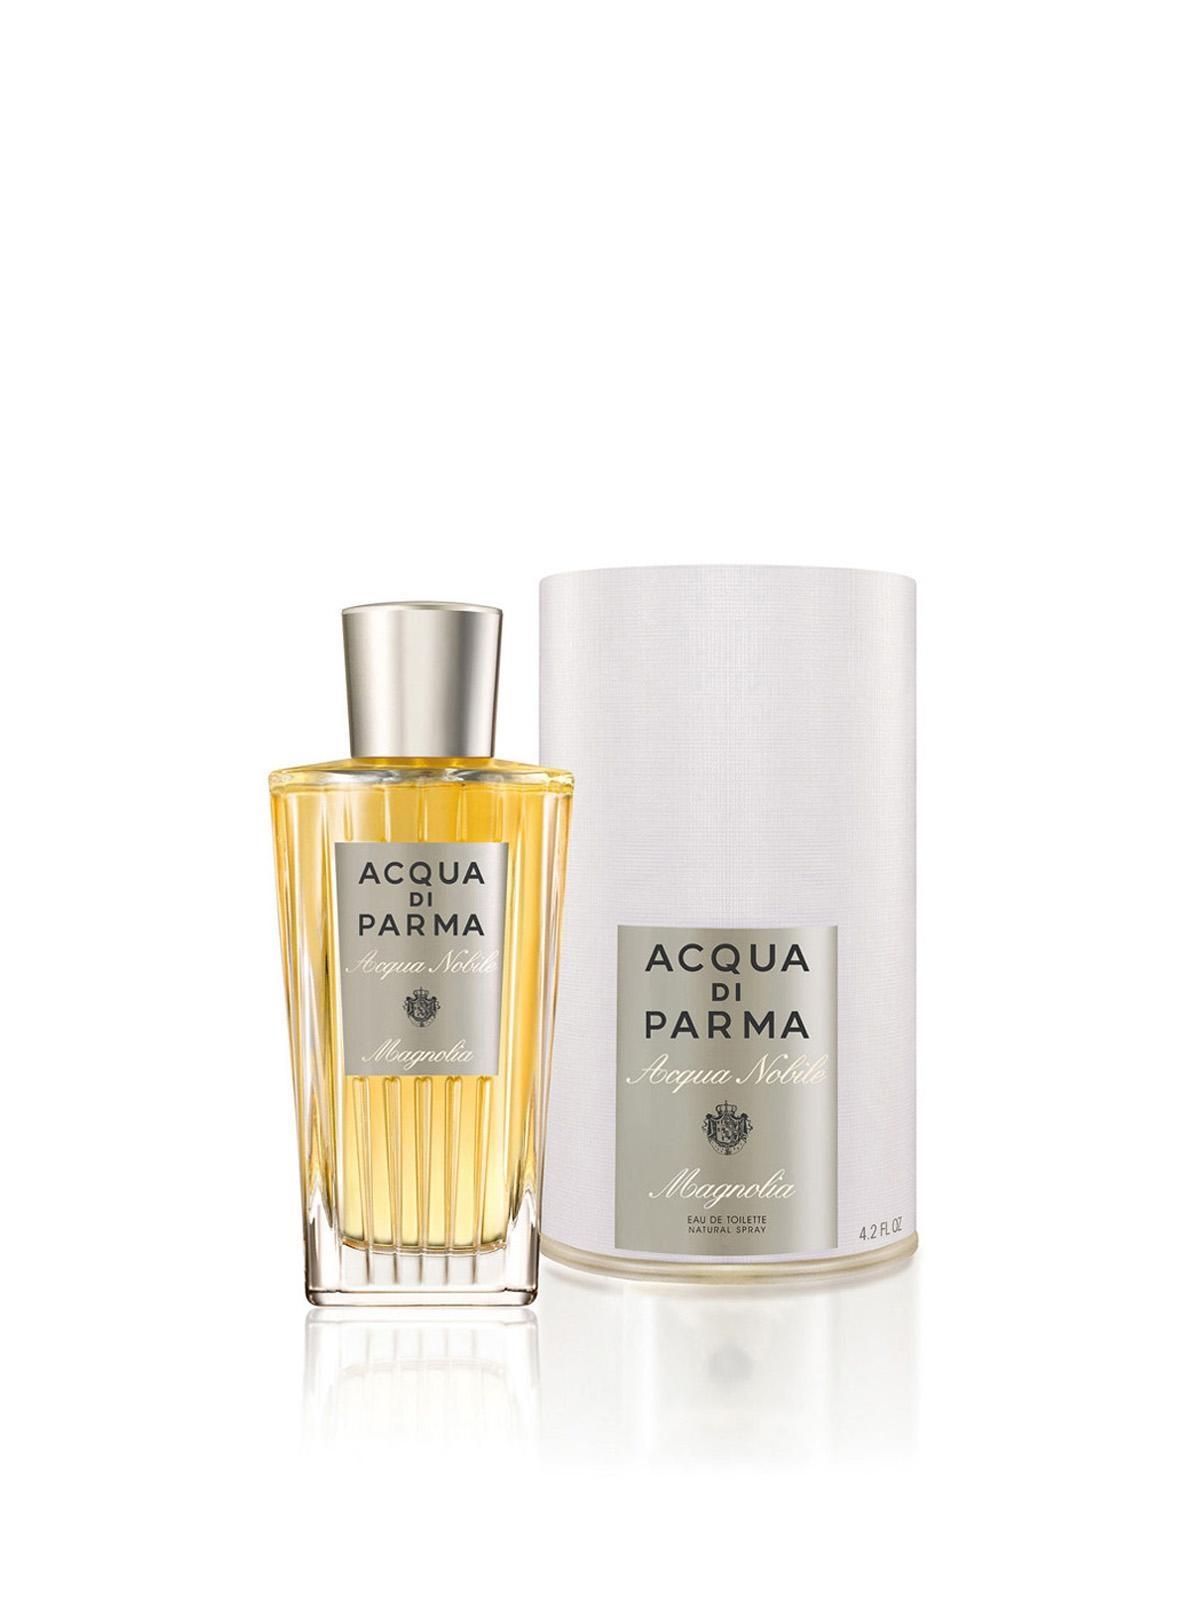 Acquista Acqua Parma Acqua Nobile Magnolia 17488668 | Glooke.com